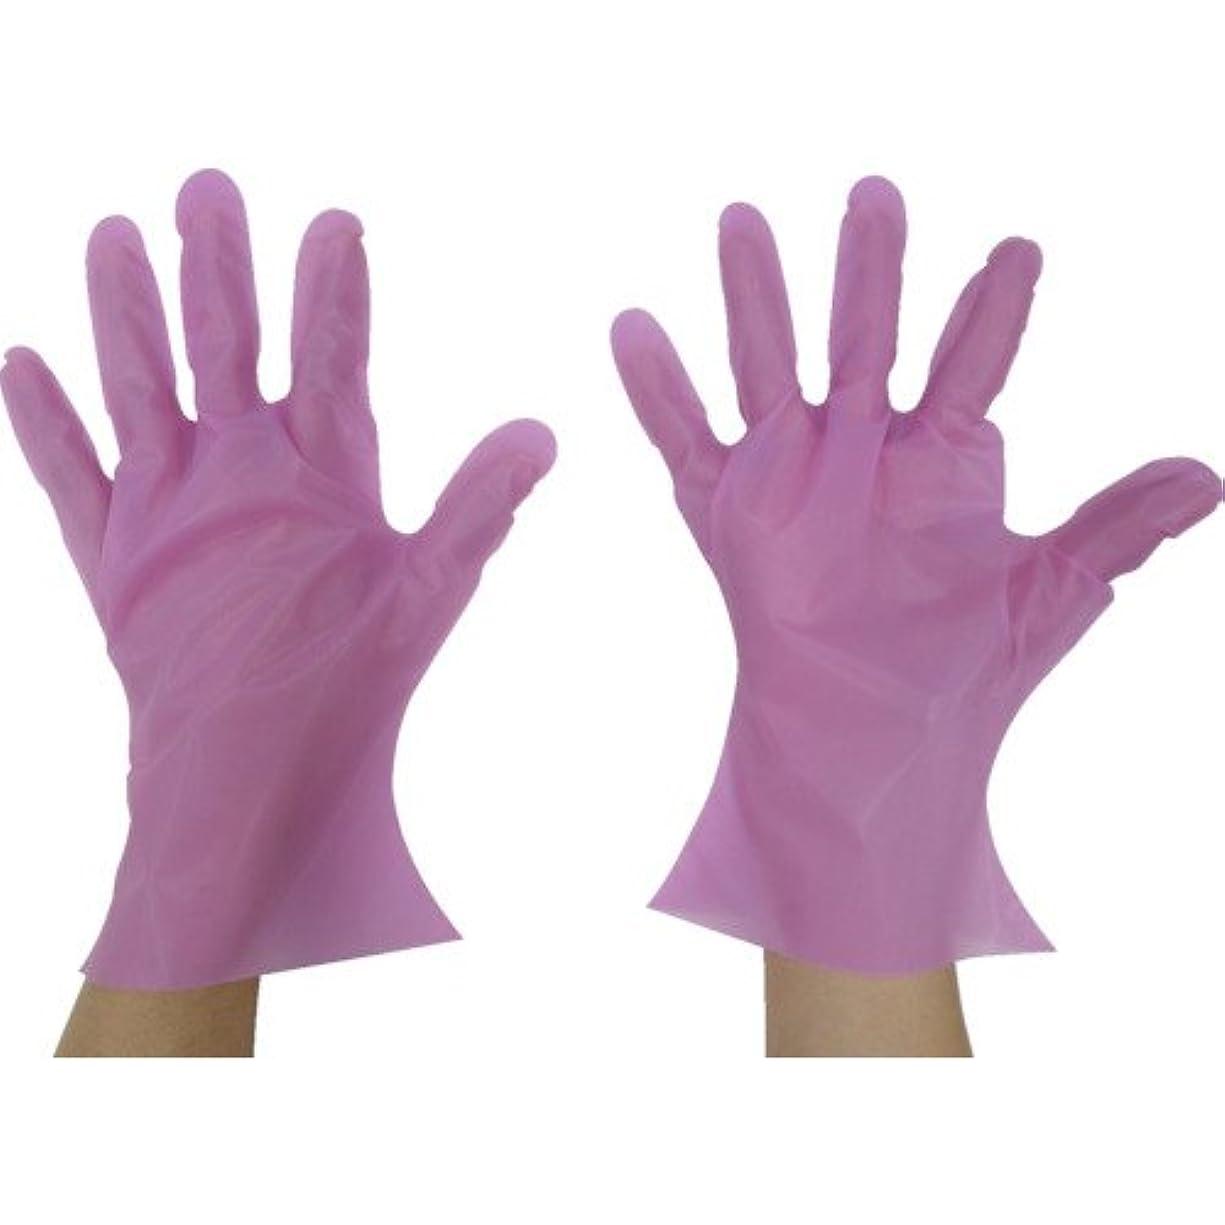 薬を飲むメルボルン付き添い人東京パック マイジャストグローブエコノミー化粧箱MS ピンク(入数:200枚) PMJEK-MS